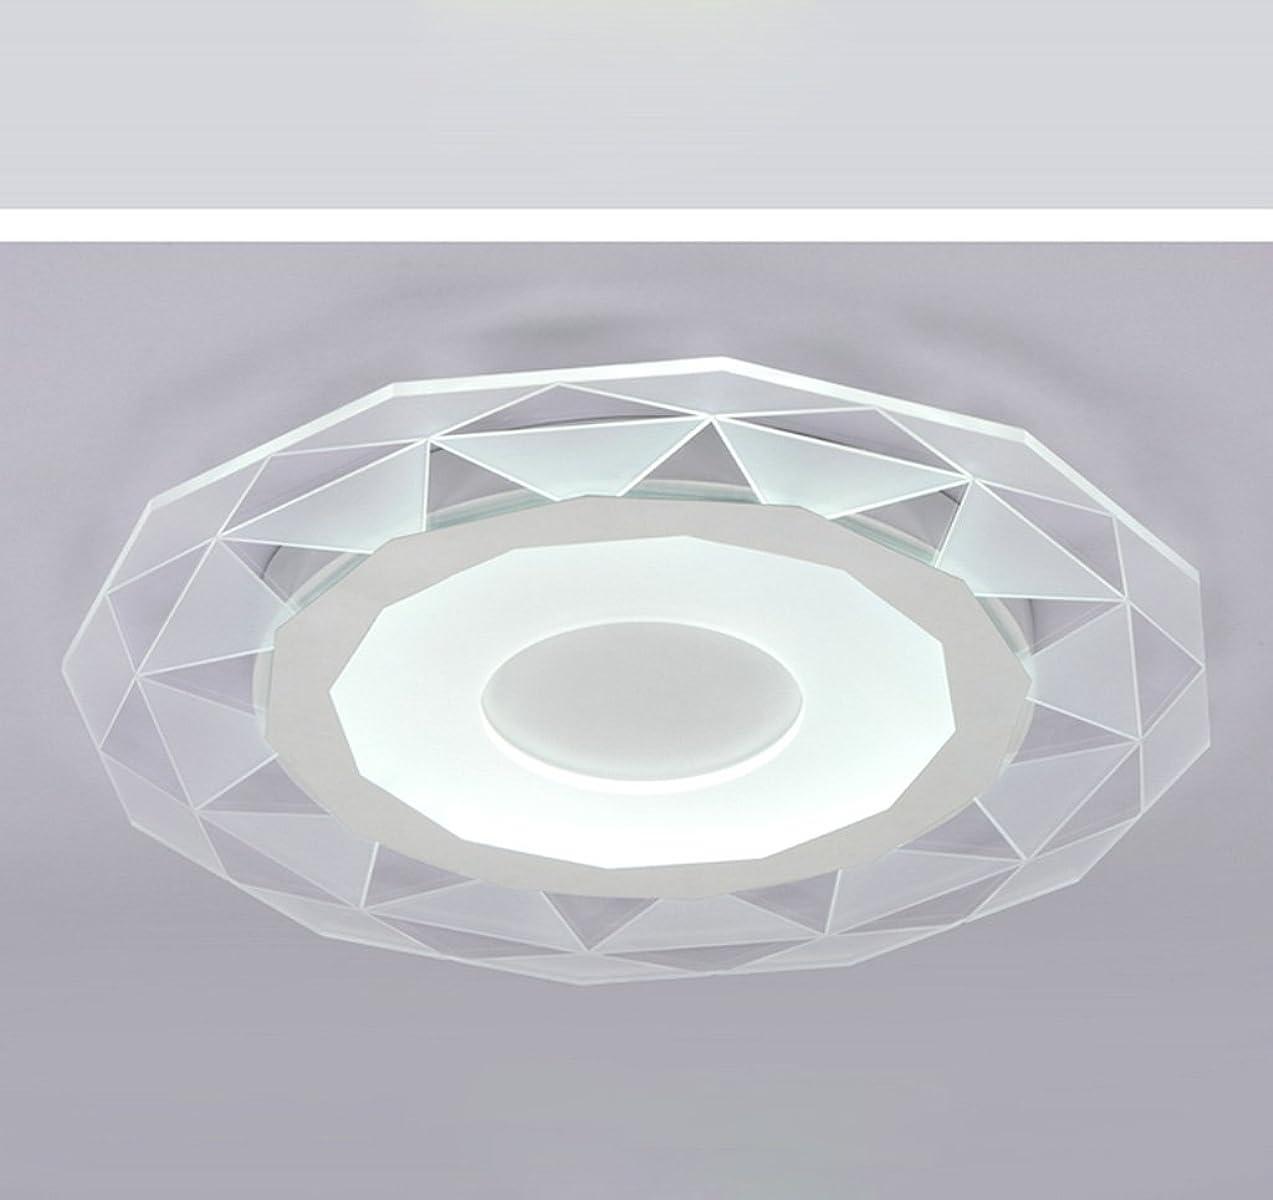 セミナー種をまく曇ったYSYYSH アクリルLed天井ランプシンプルなリビングルーム快適なベッドルームランプダイニングルームランプバルコニー3色は自由に切り替えることができます白い暖かい光とニュートラルライト 寝室の装飾ライト